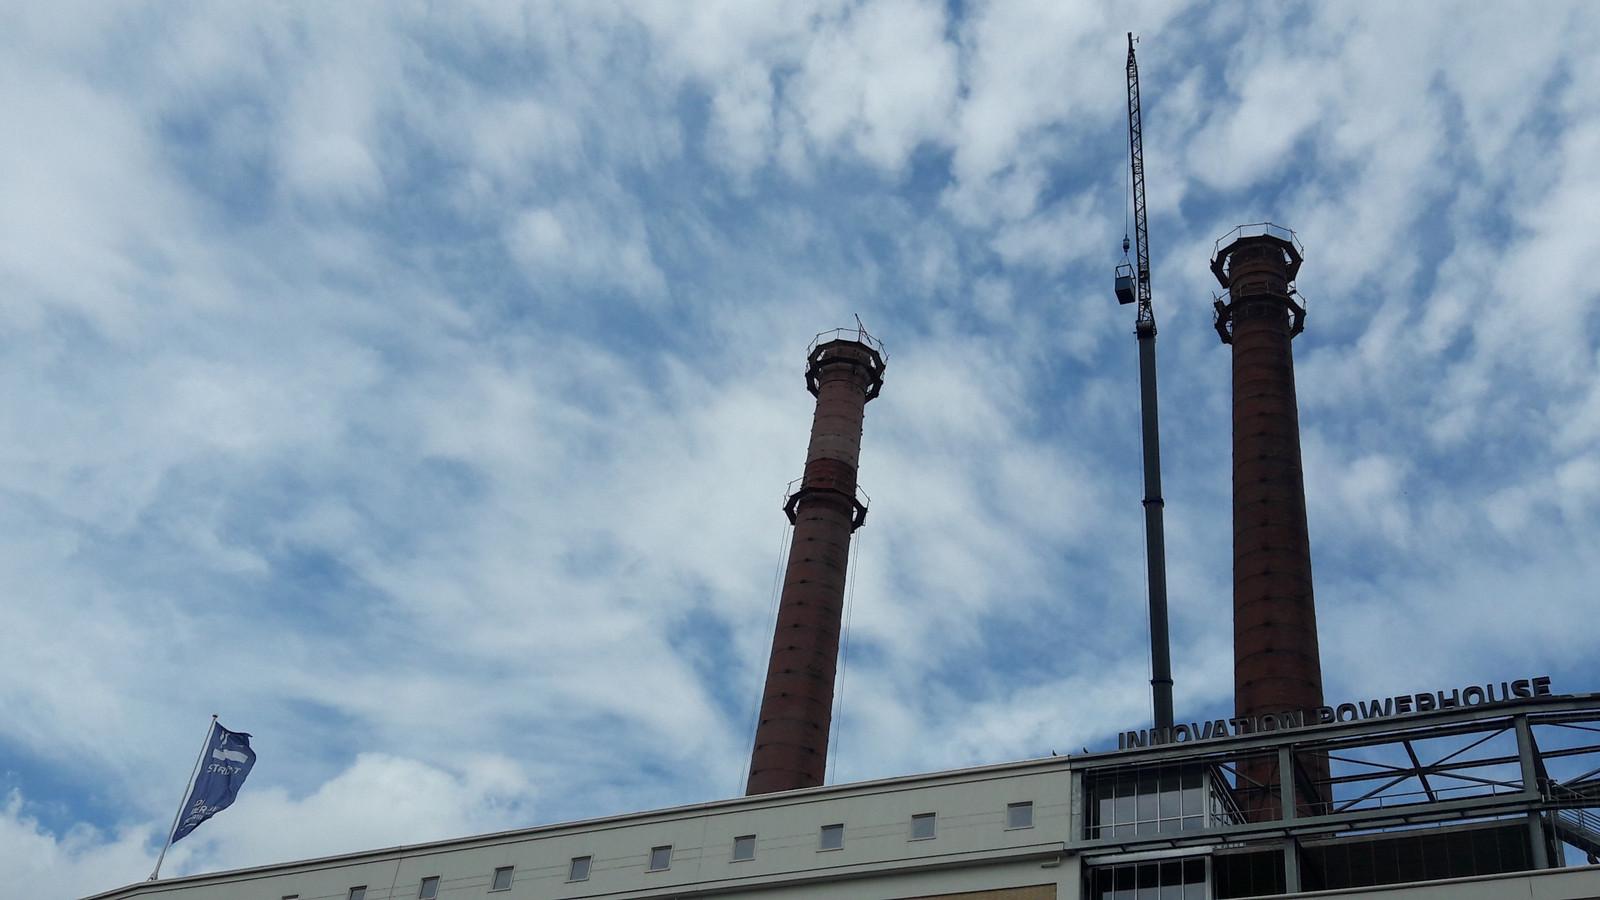 De twee schoorstenen bij de voormalige energiecentrale van Philips (nu Innovation Powerhouse) op Strijp-T in Eindhoven worden gerestaureerd.